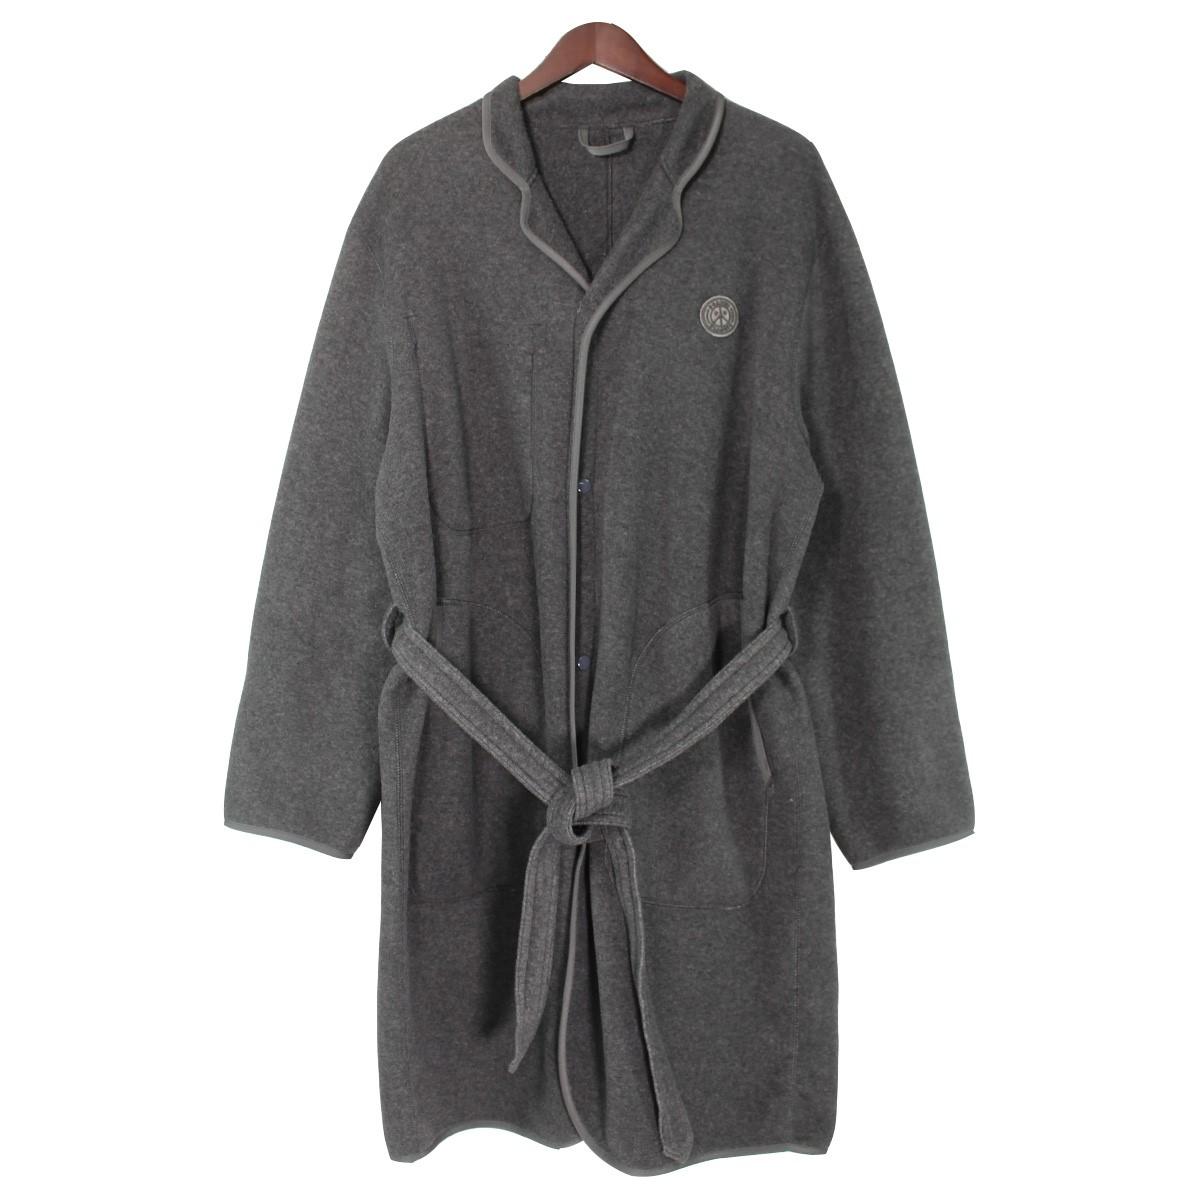 【中古】Porter Classic17AW Fleece Gown Coat フリースガウンコート グレー サイズ:M 【3月30日見直し】